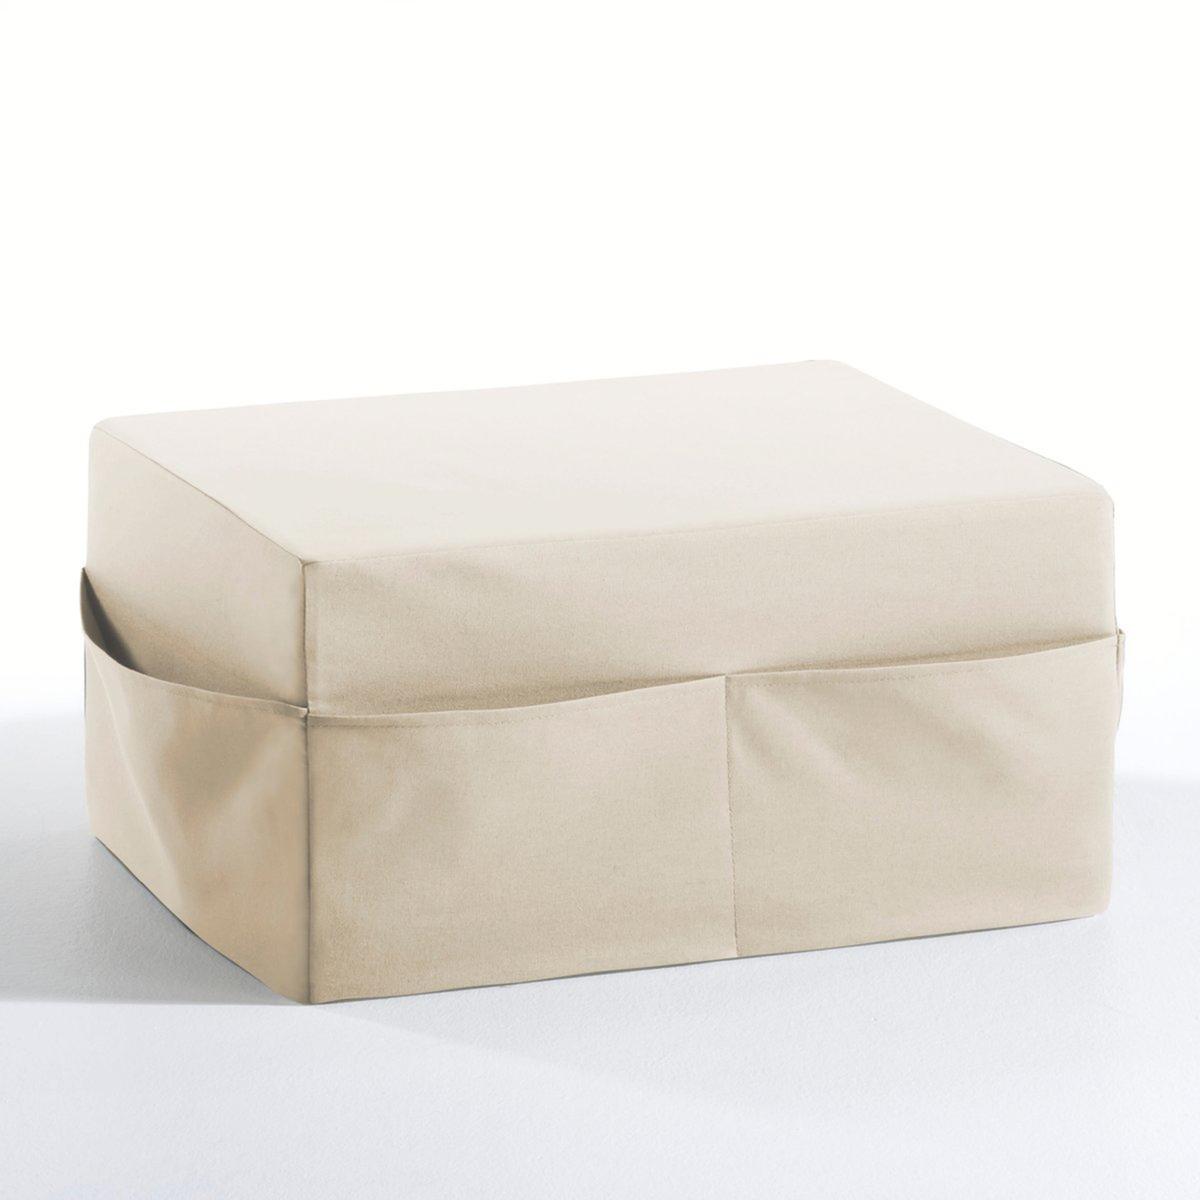 Раскладной пуф для детской MeetingОписание пуфа Meeting:В гостиной можно использовать как сиденье и как маленький стол.В спальне можно разложить 3 блока из пеноматериала, и пуф превратится в небольшую кровать.Характеристики пуфа Meeting:Характеристики пуфа.Прочный чехол, на котором можно сидеть:Пенополиэстер (плотность 20 кг/м?).Найдите все предметы из коллекции Meeting на сайте laredoute.ru.Размеры пуфа Meeting:Общие:Ширина: 60 см.Высота: 30 см.Глубина: 48 см.Спальное место:Ш. 60 x Д.145 x Т.10 см.<br><br>Цвет: антрацит,красный,светло-серый,серо-коричневый каштан,темно-фиолетовый,фисташковый,шоколадно-каштановый,экрю